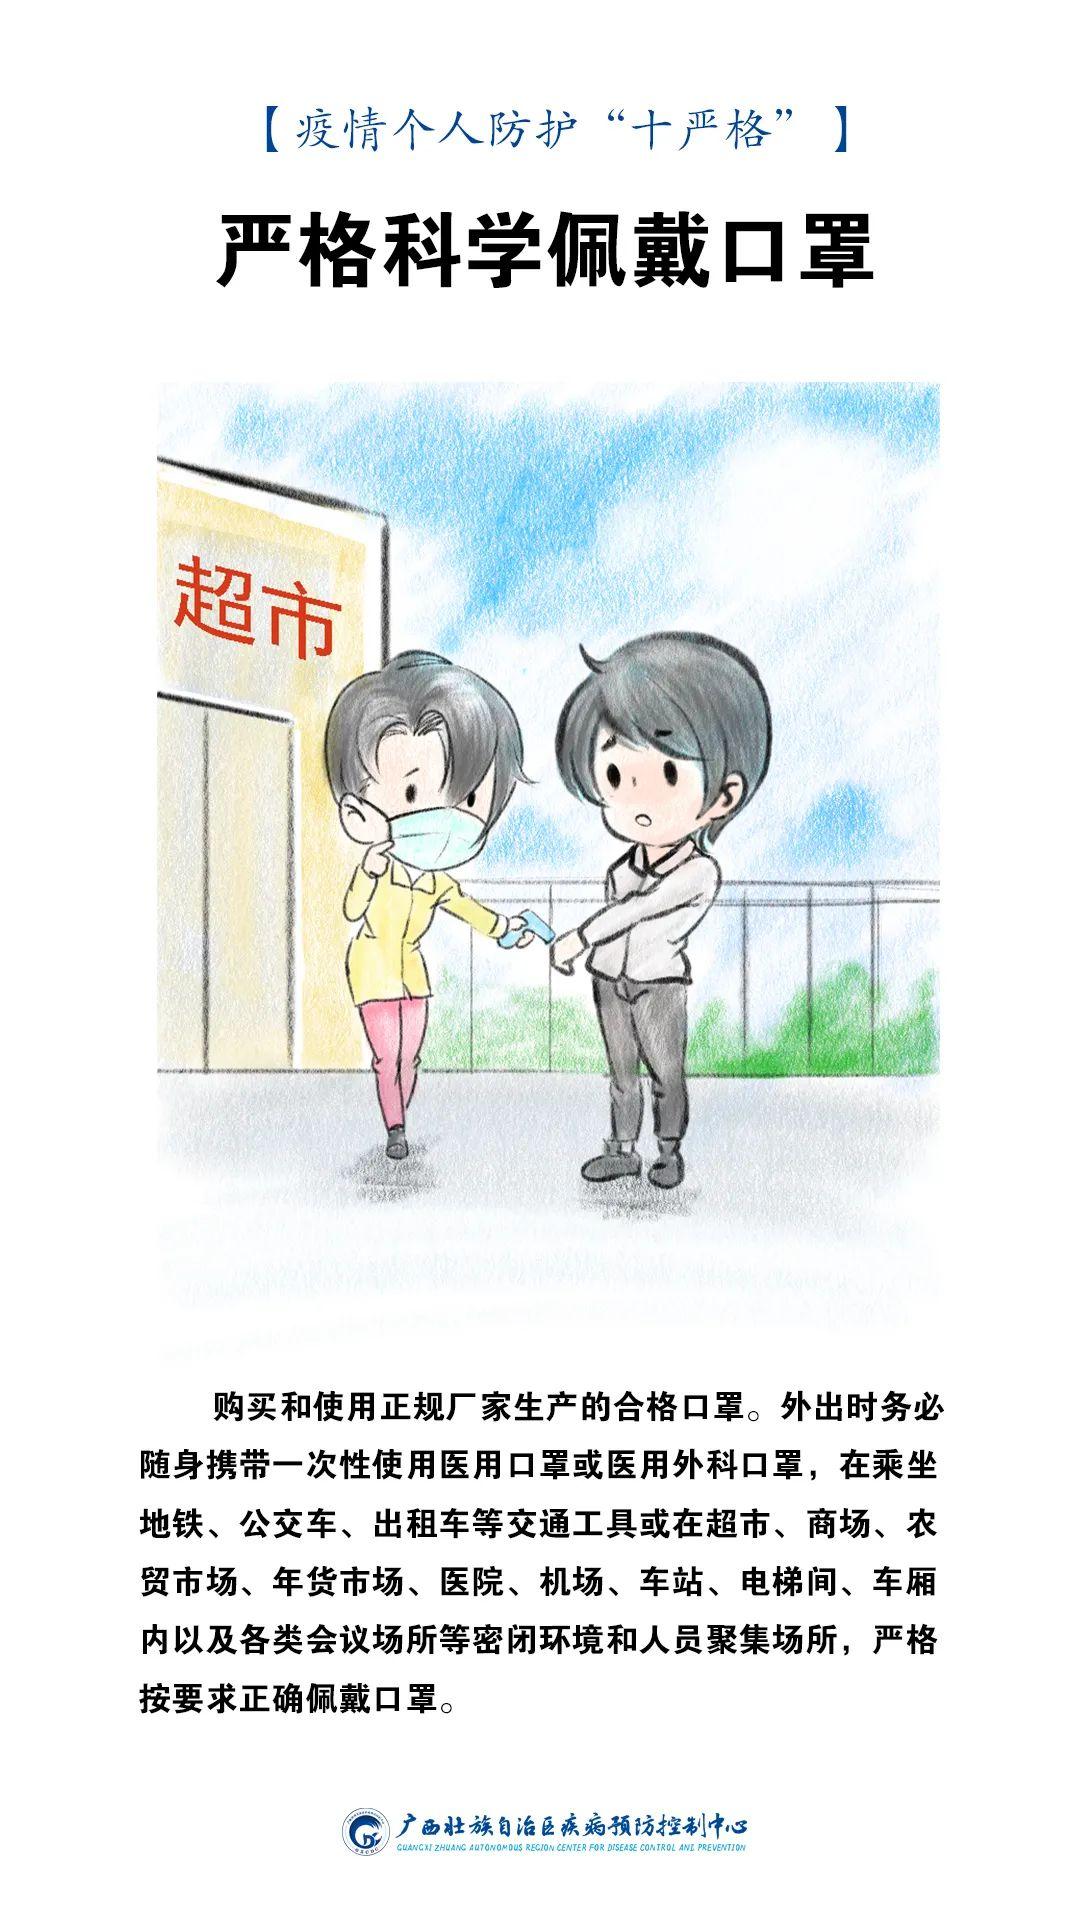 """防控不可大意!图说疫情个人防护""""十严格""""→图片"""